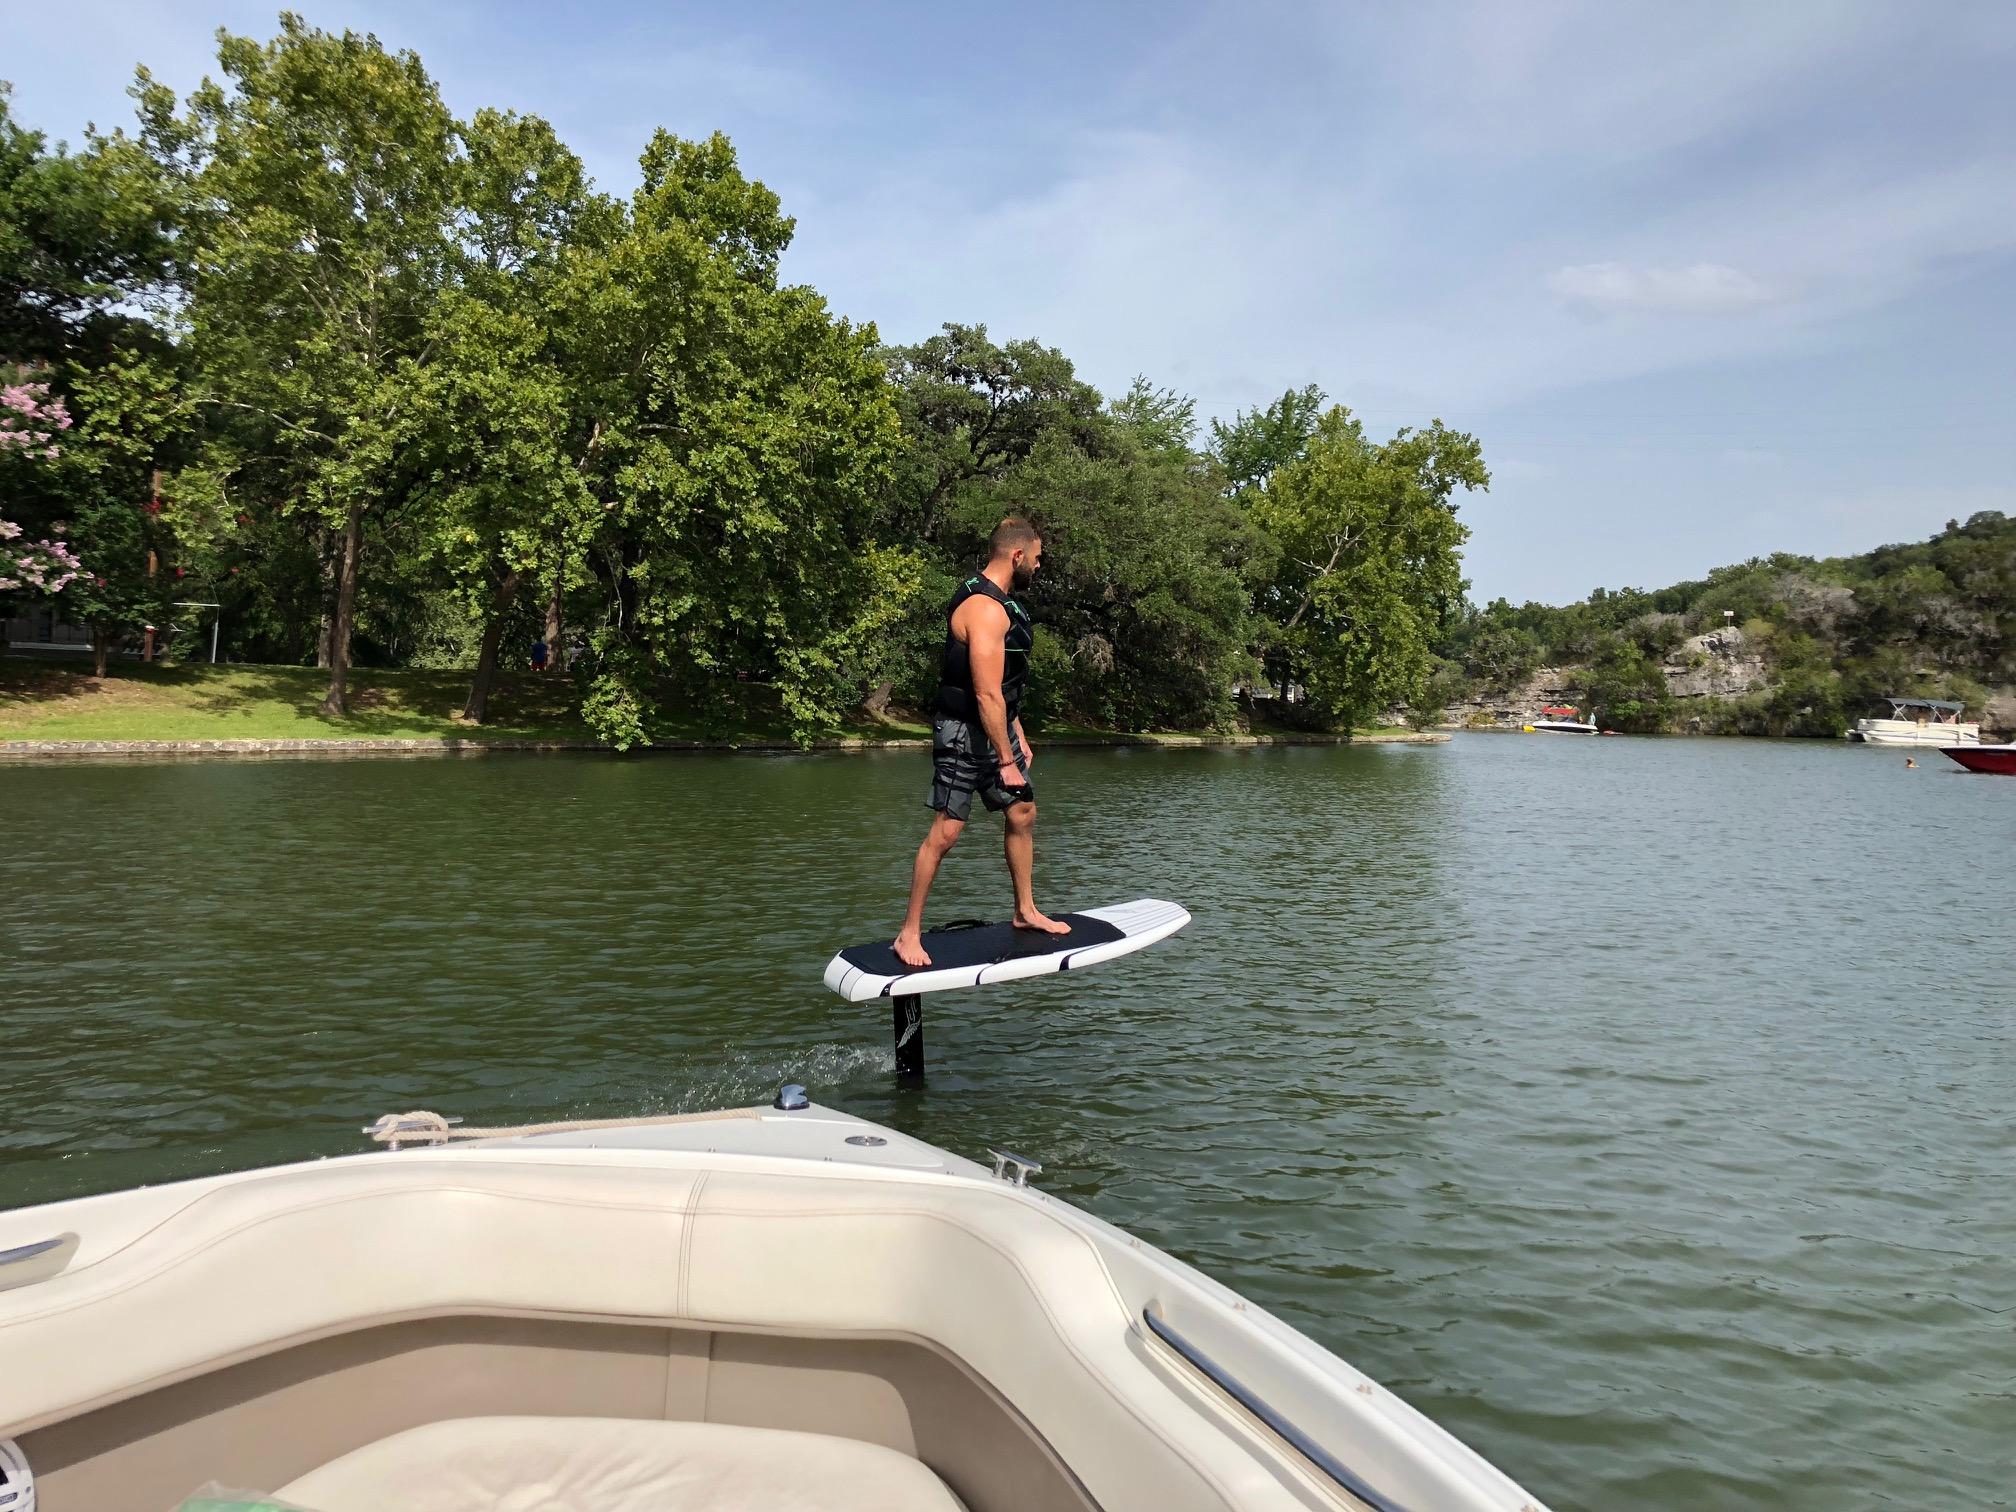 Boat Rental lake Austin hydrofoil